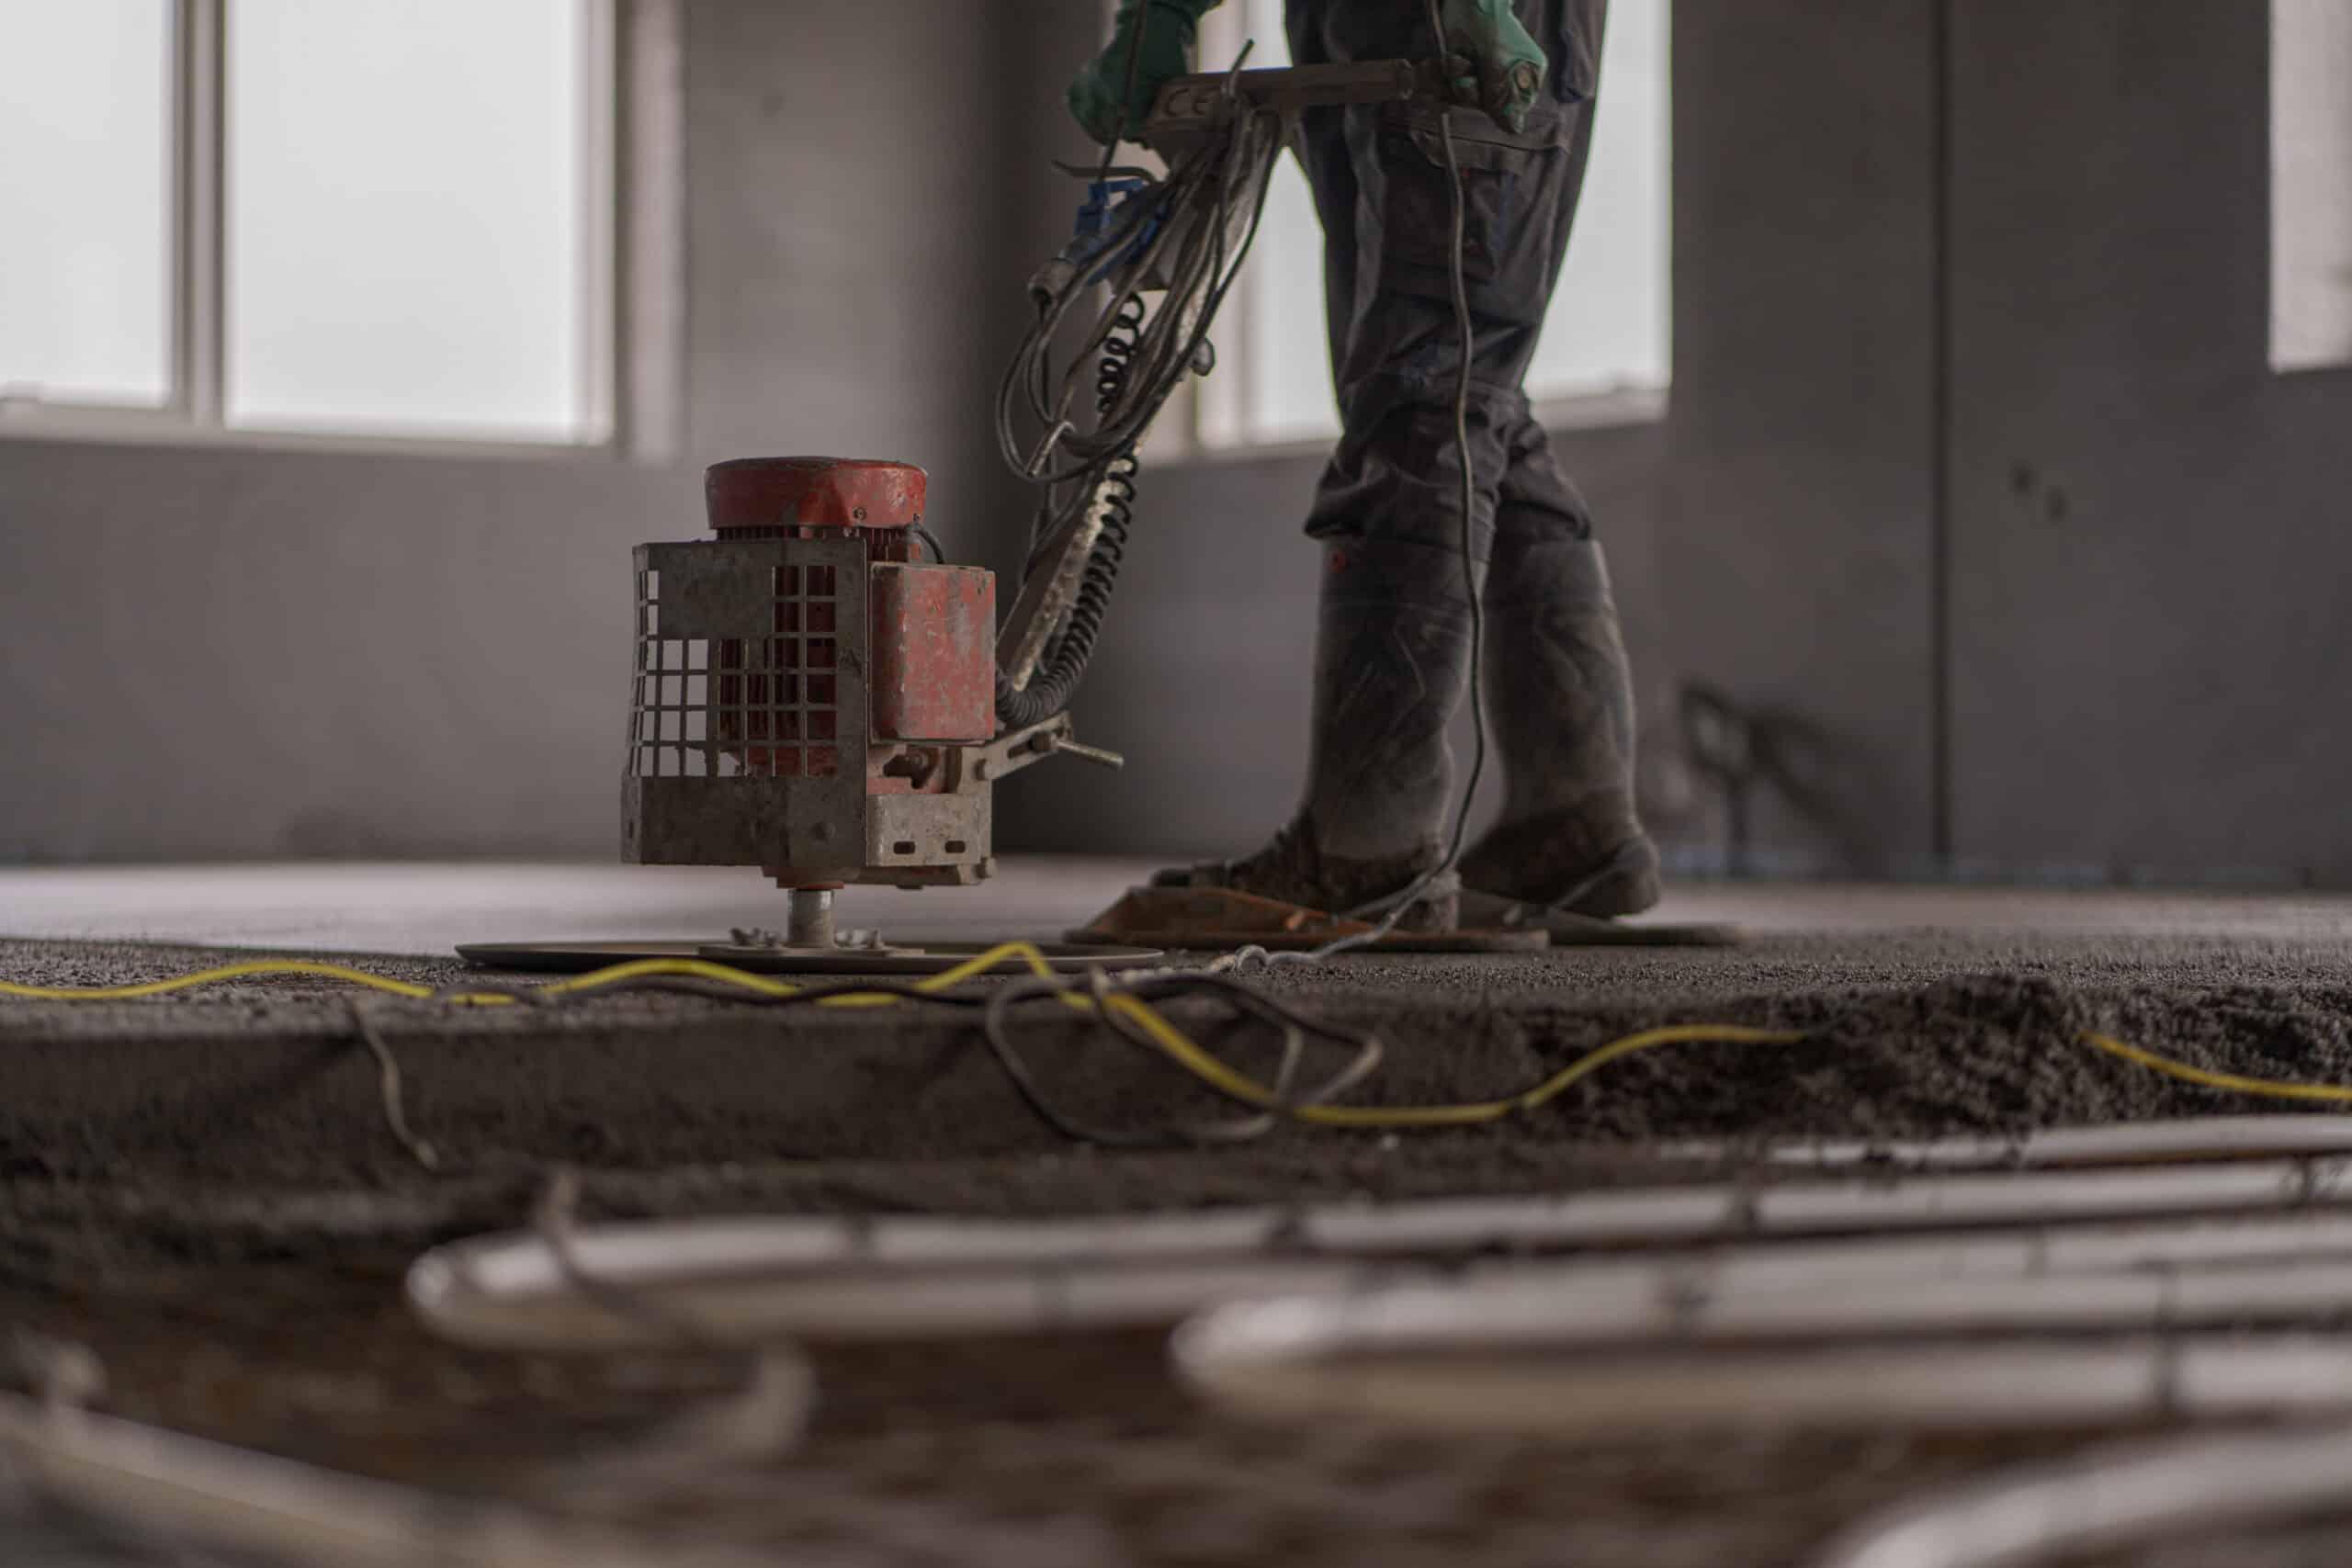 estrich slidlagsgulv til undergulv udført af en mand som arbejder hos a10 tæpper og gulve